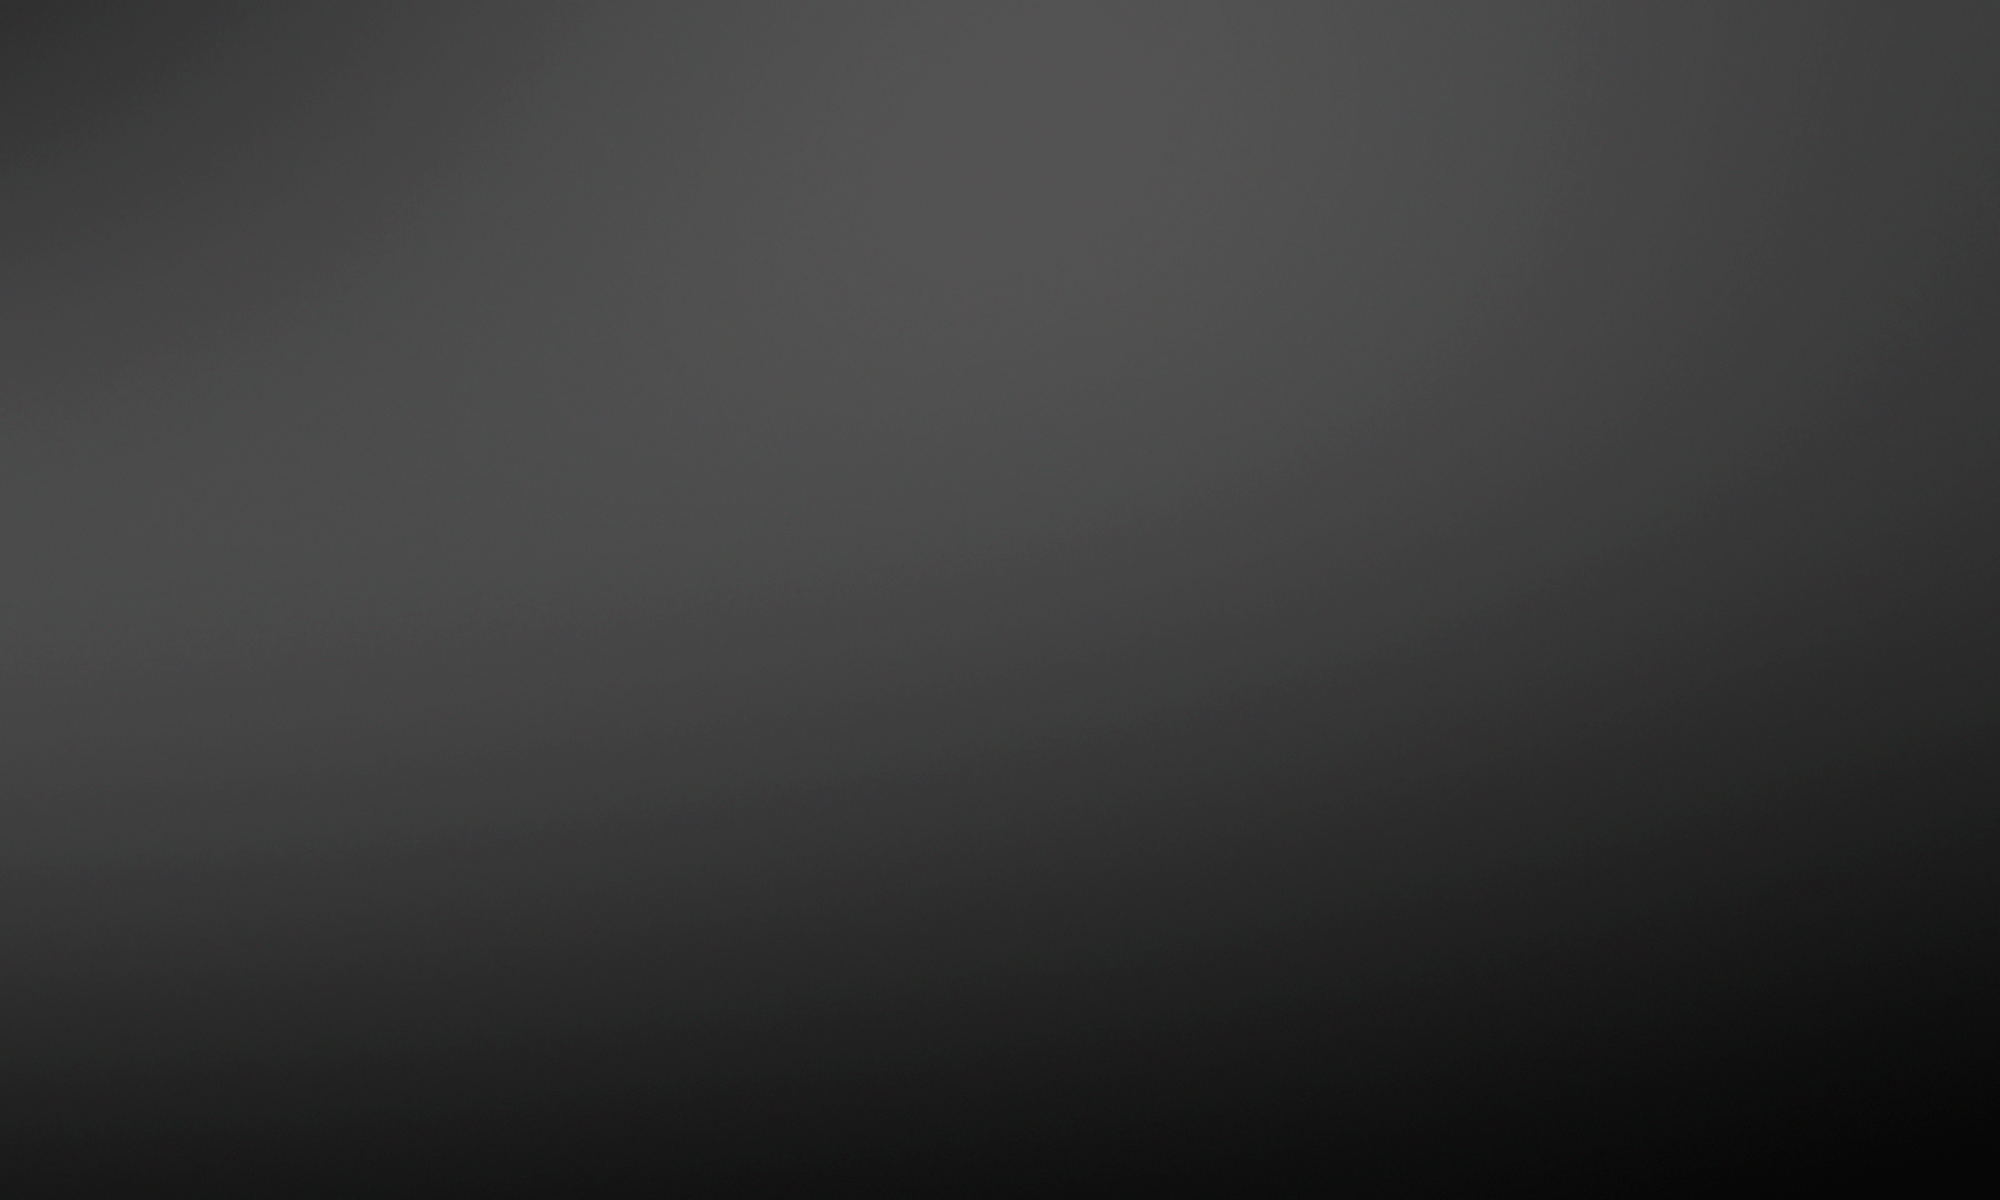 bg-negro